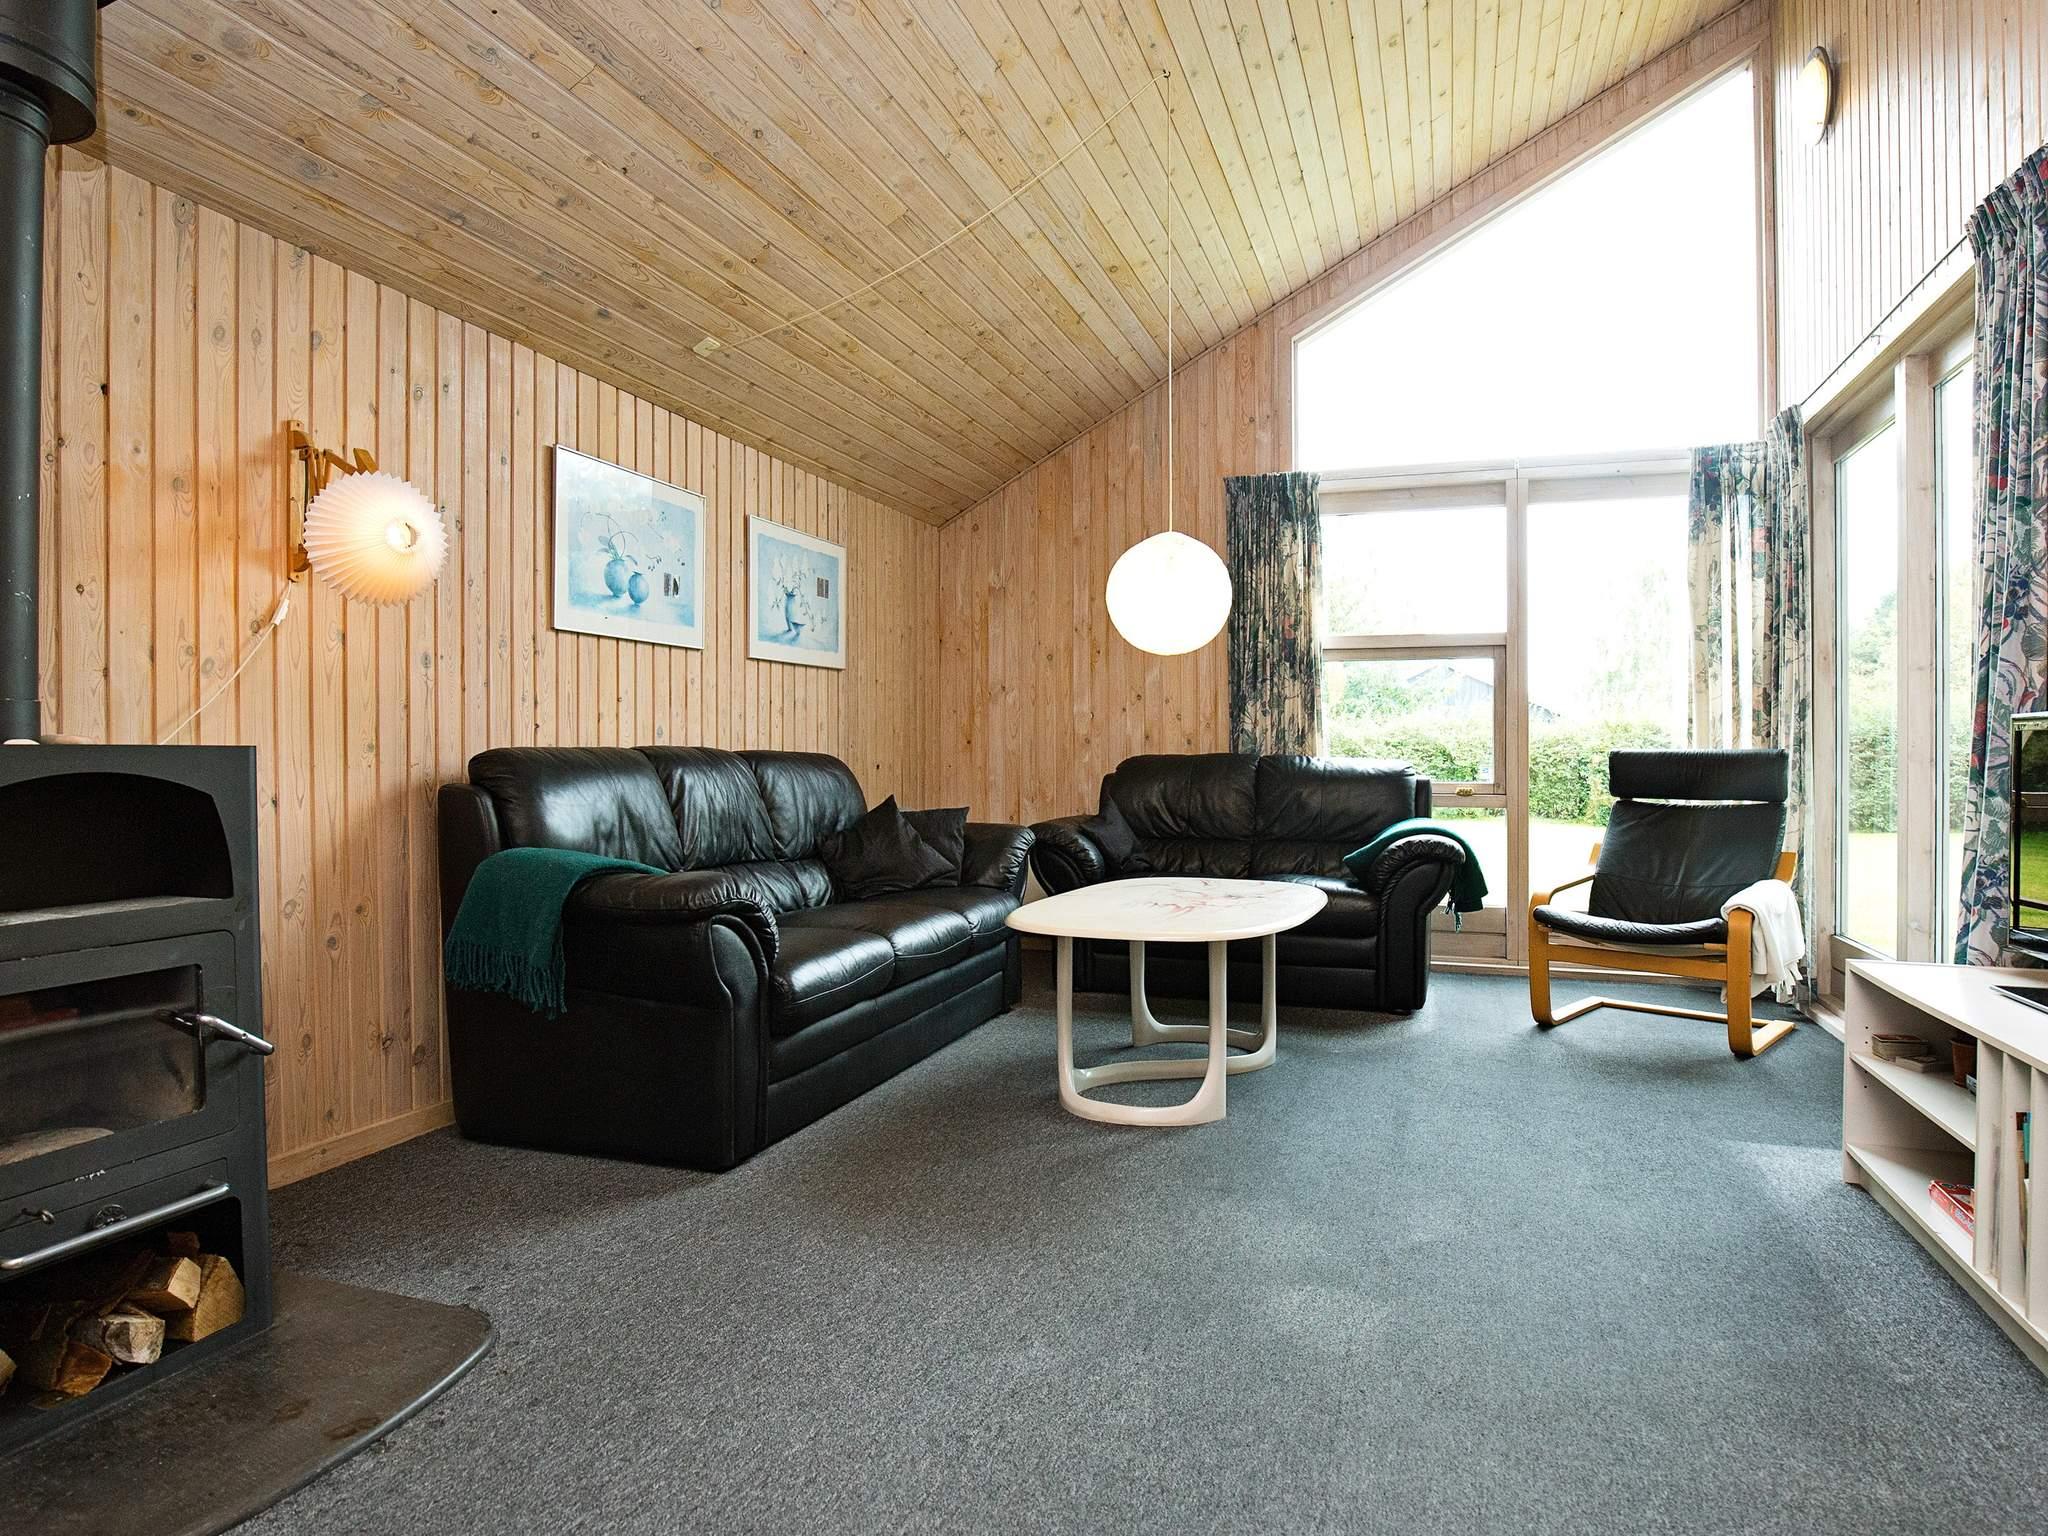 Ferienhaus Hummingen (84295), Hummingen, , Lolland, Dänemark, Bild 13